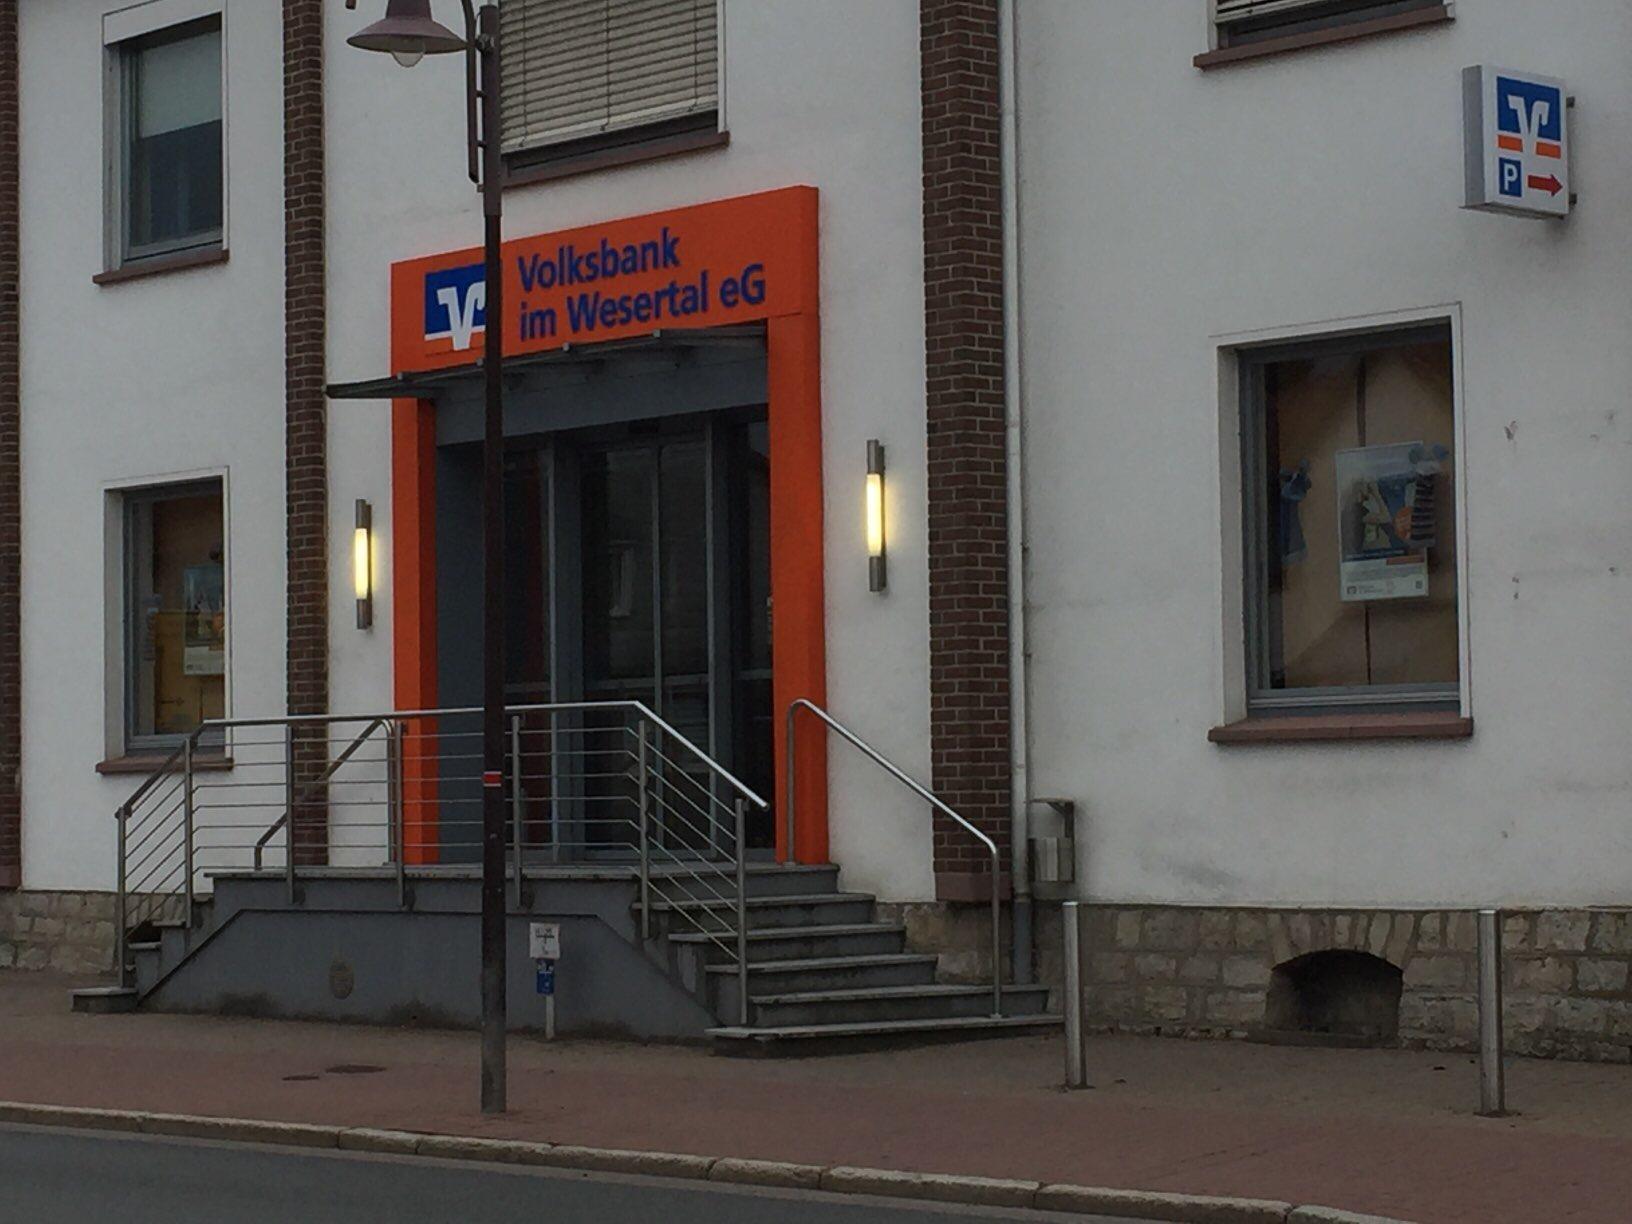 Volksbank horn öffnungszeiten | Herzlich willkommen!